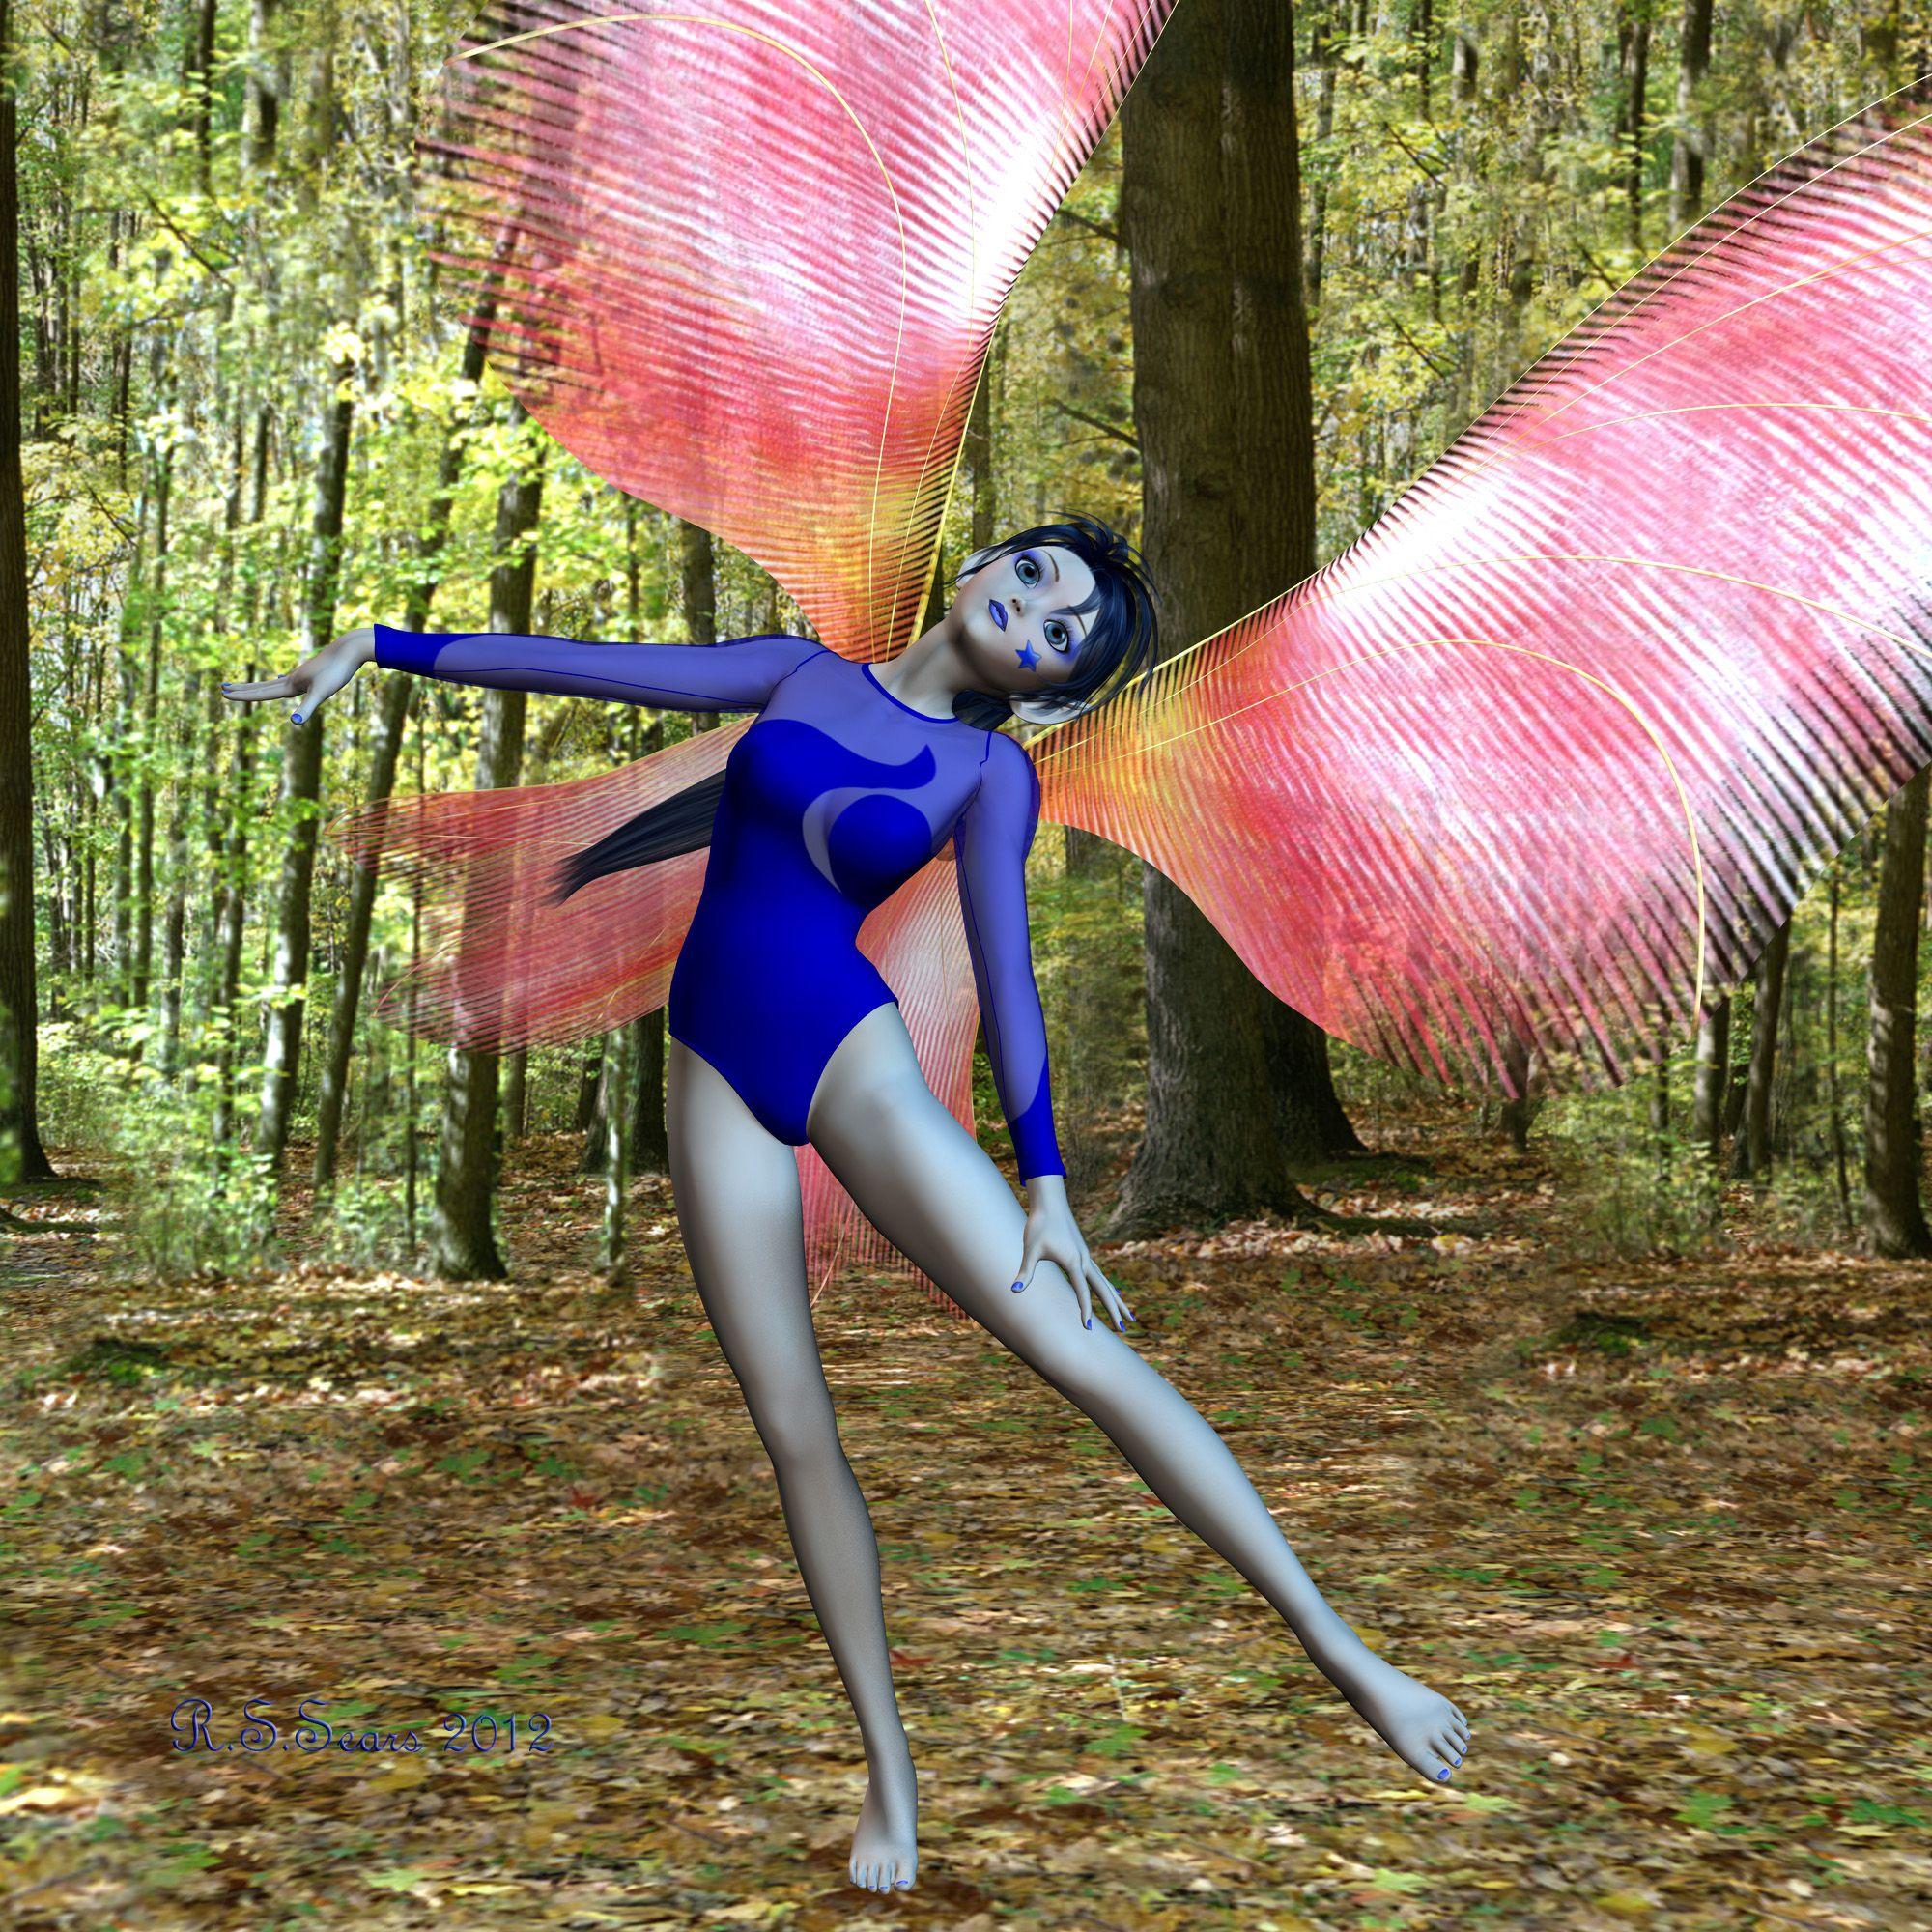 olympic fairie gymnast